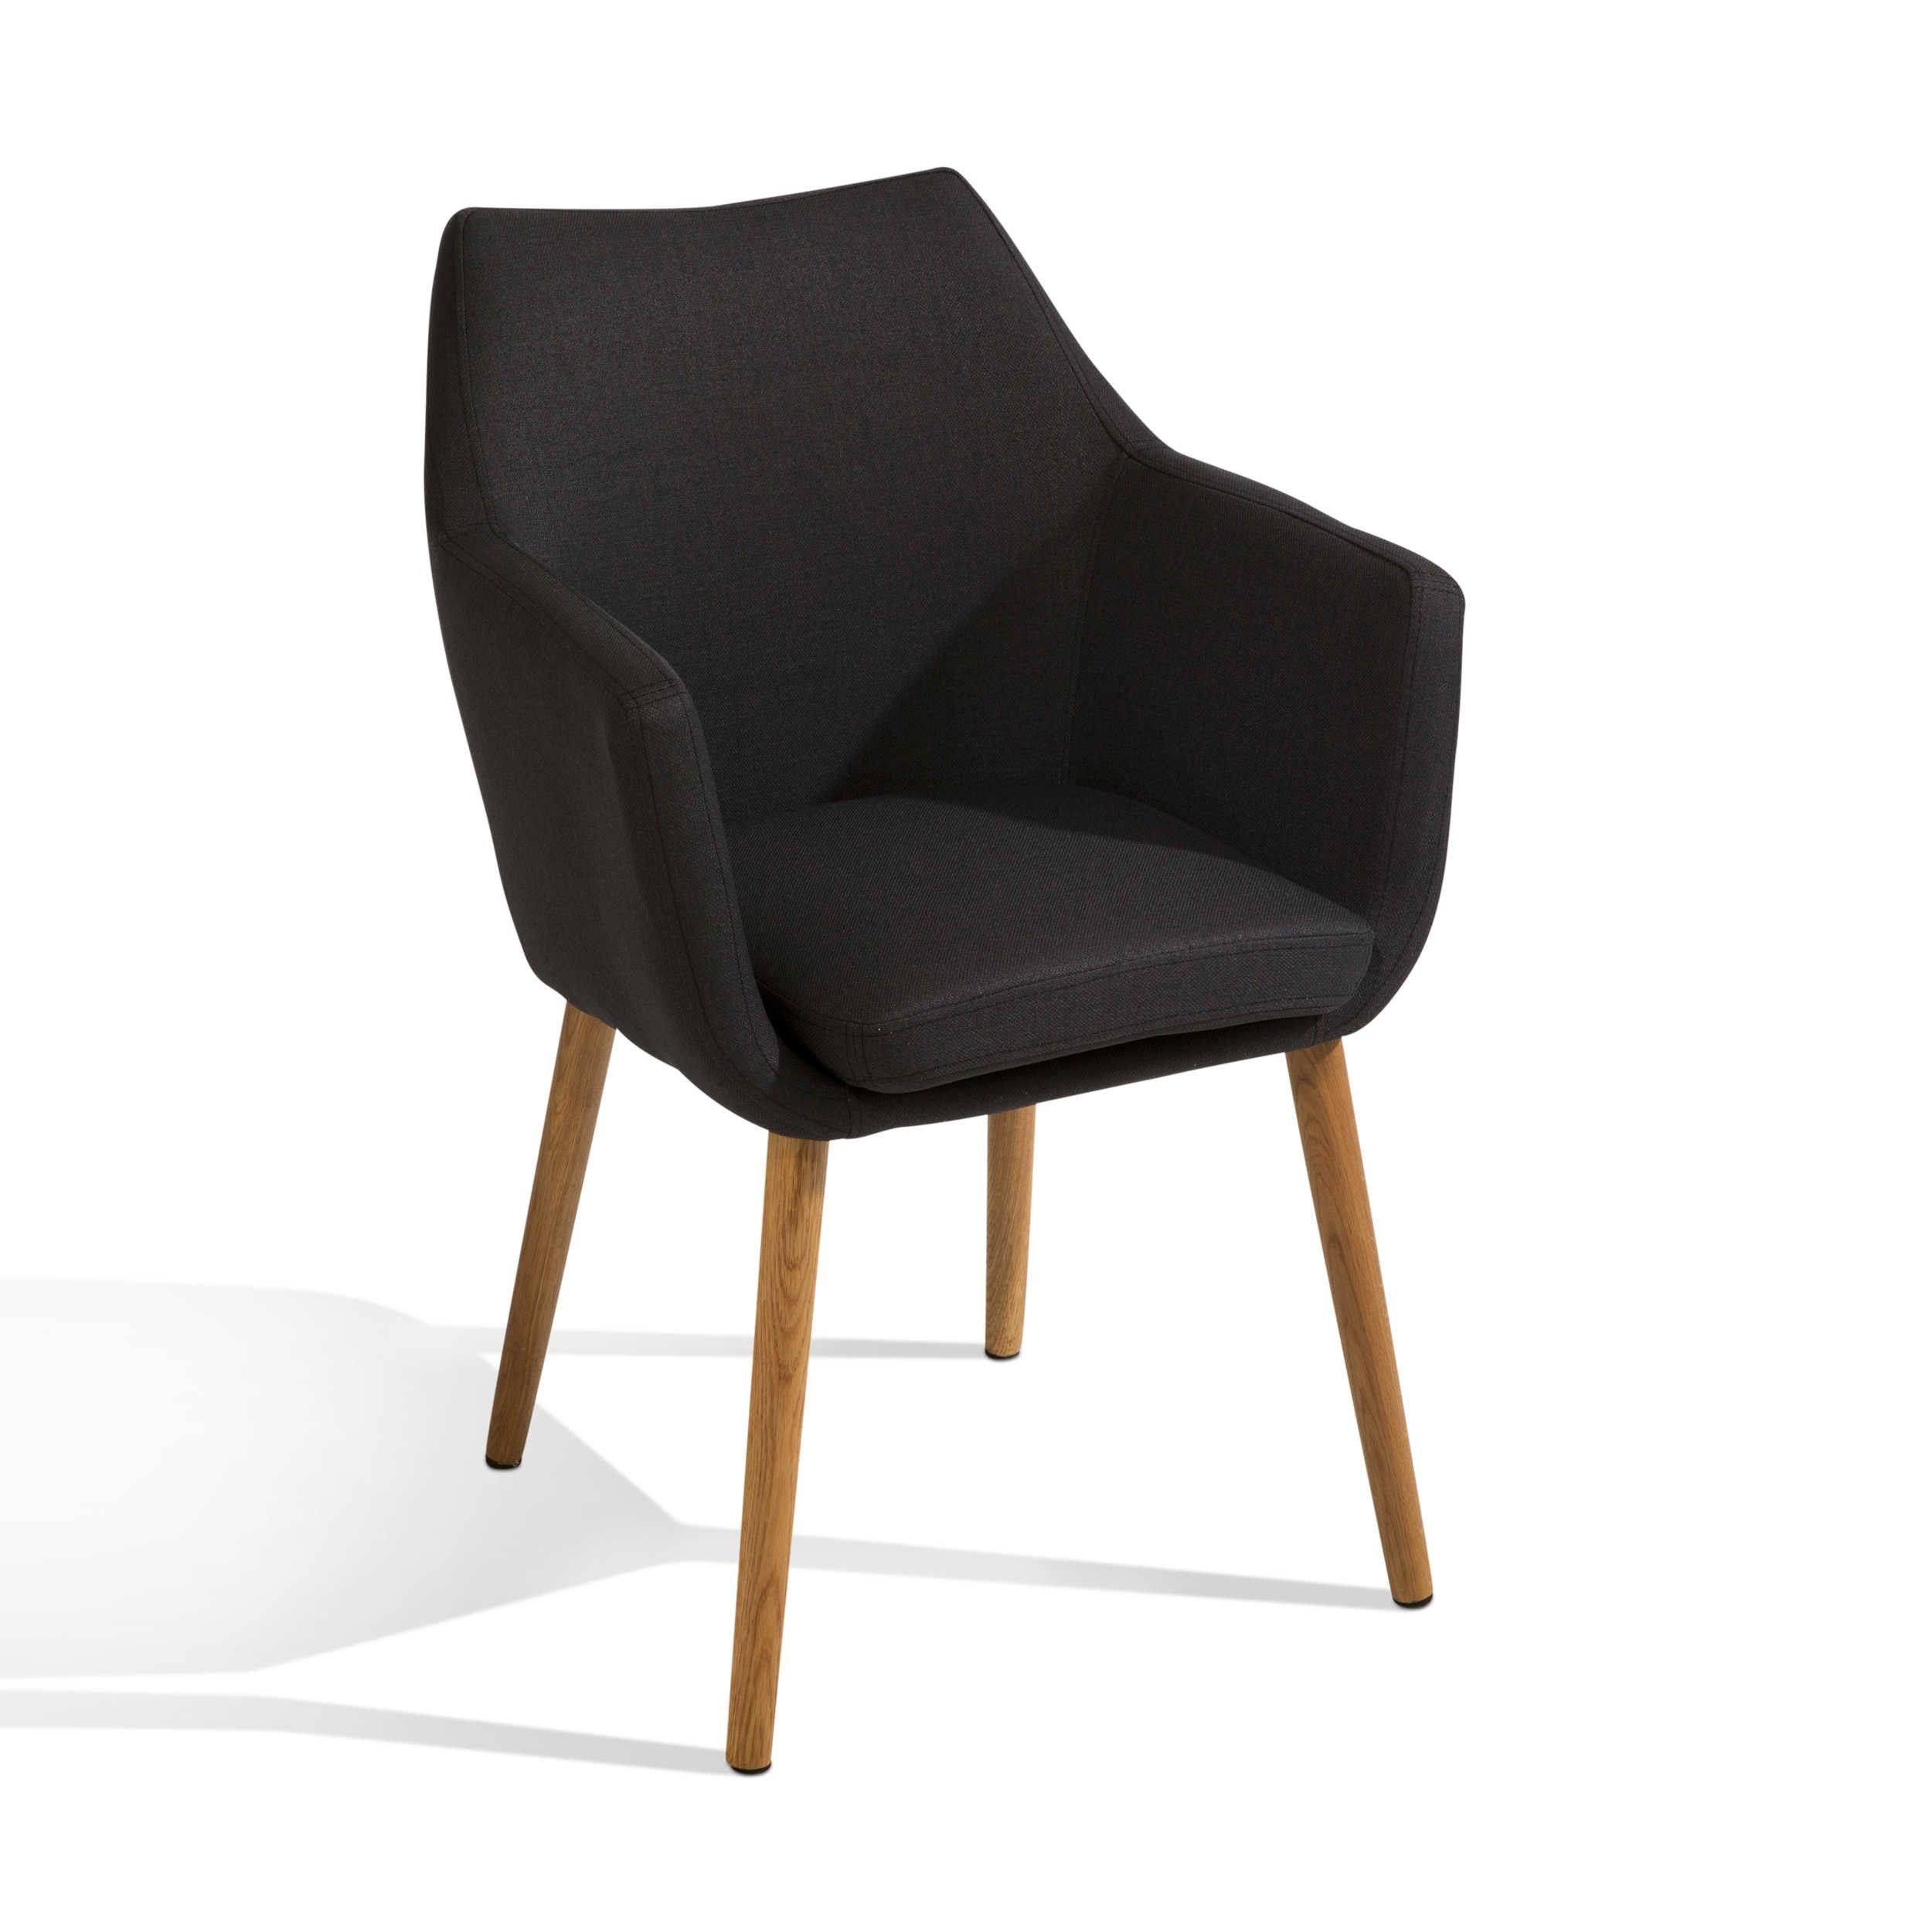 Stuhl Petrulli   4 Fuß Stühle   Stühle U0026 Freischwinger   Esszimmer   Möbel